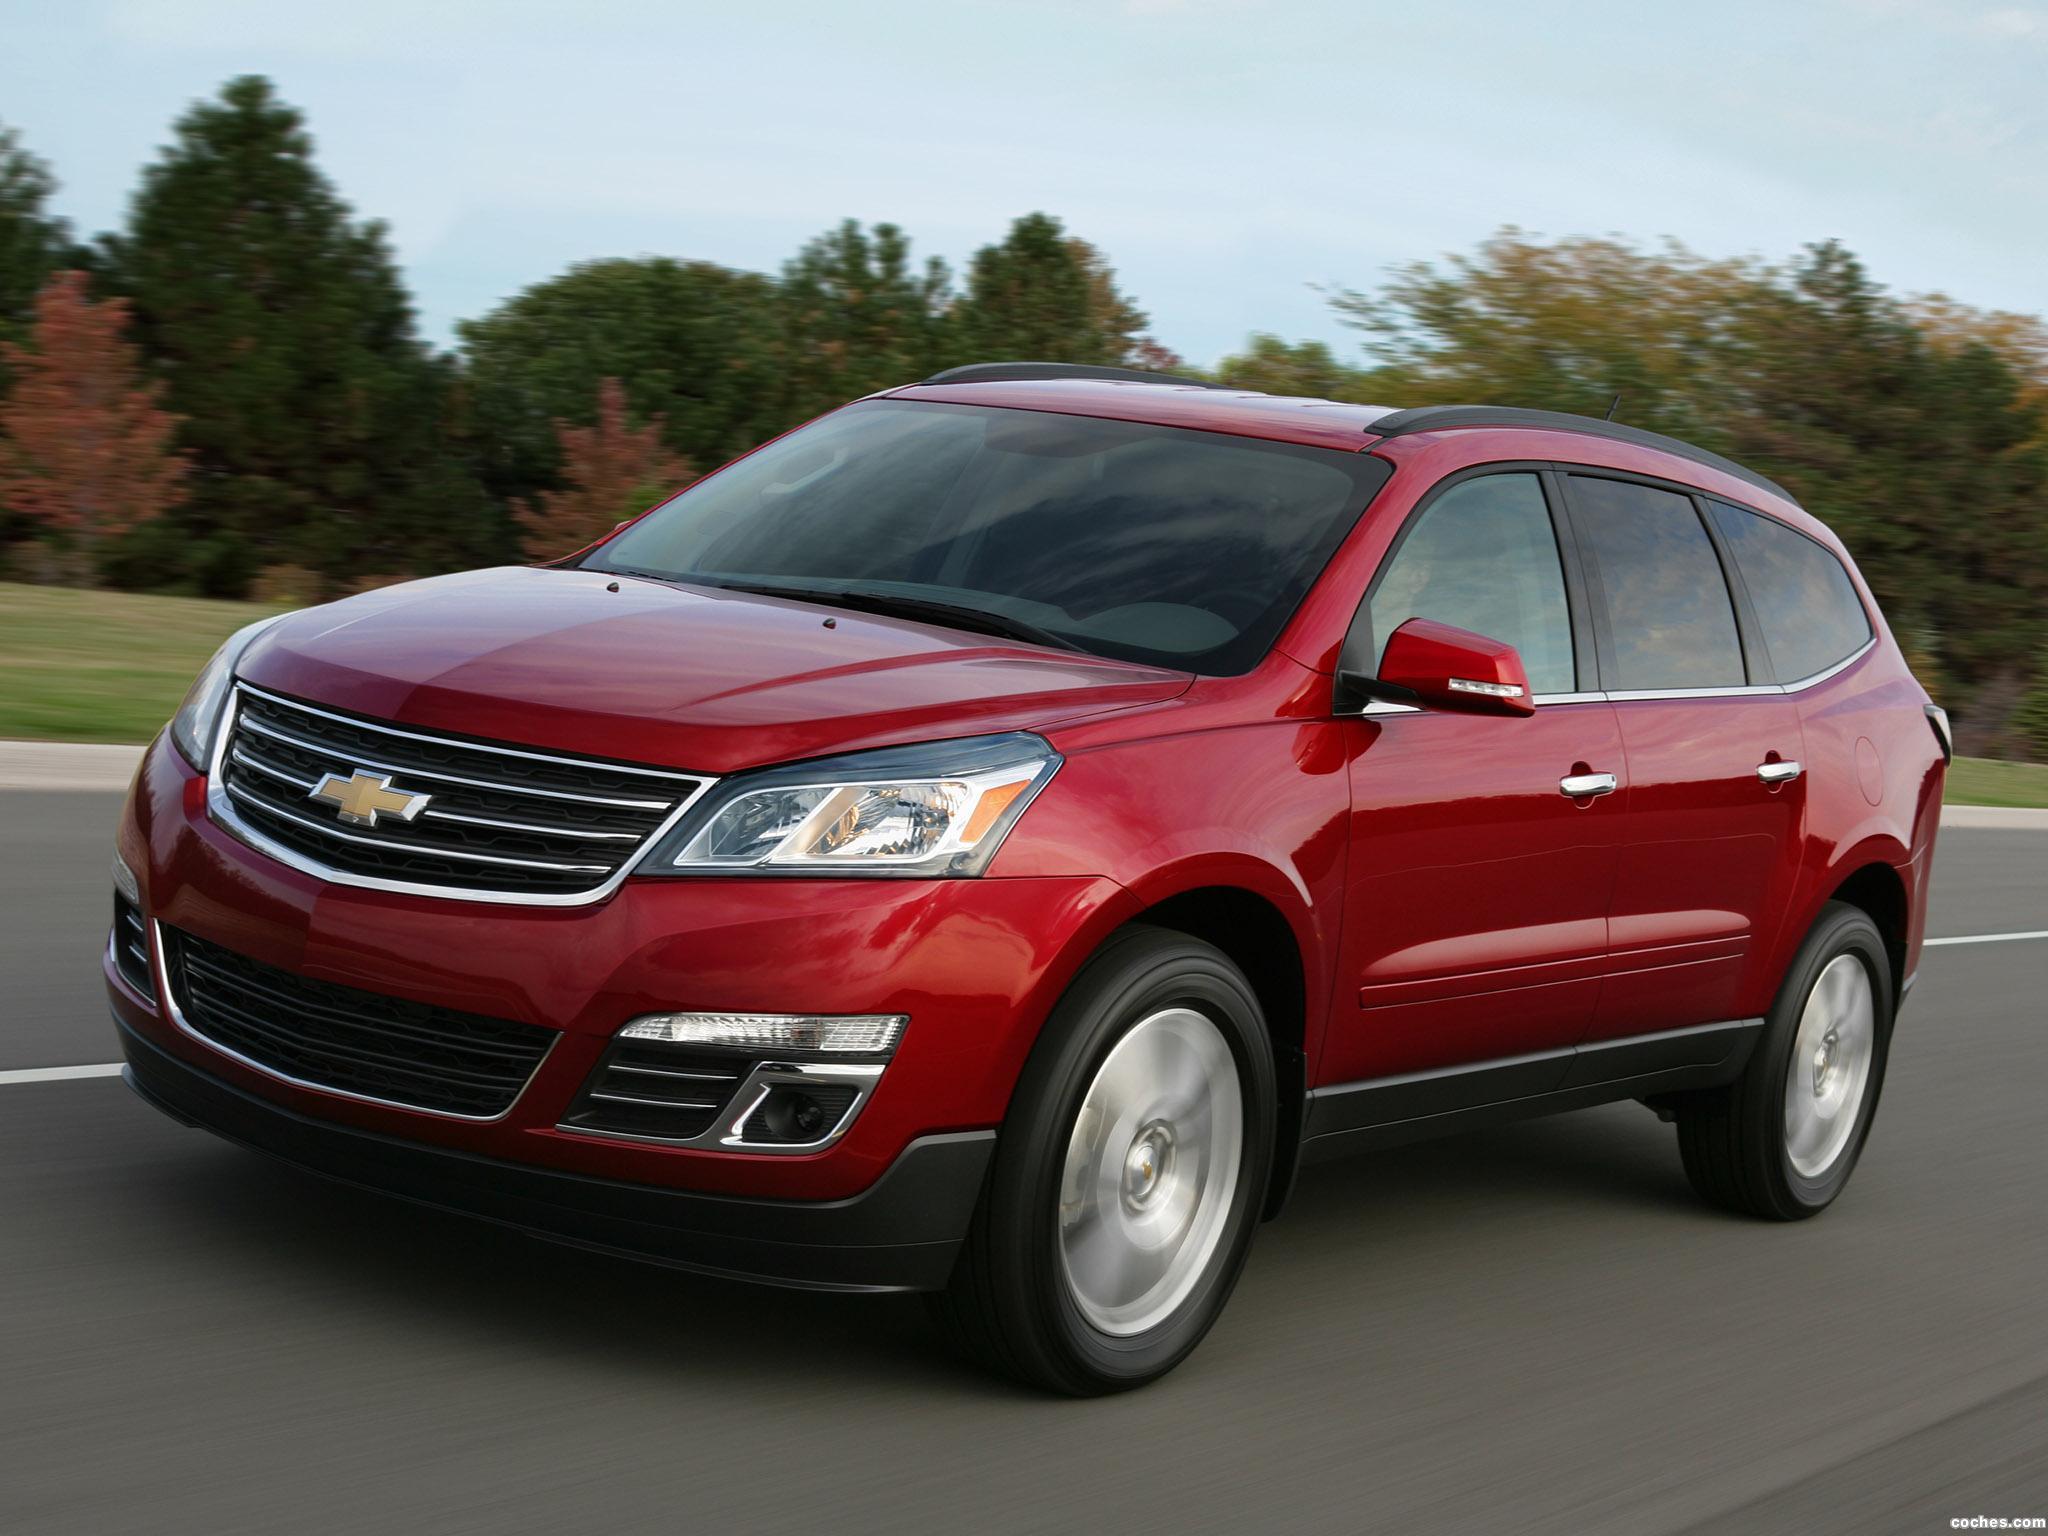 Foto 0 de Chevrolet Traverse Crossover 2012